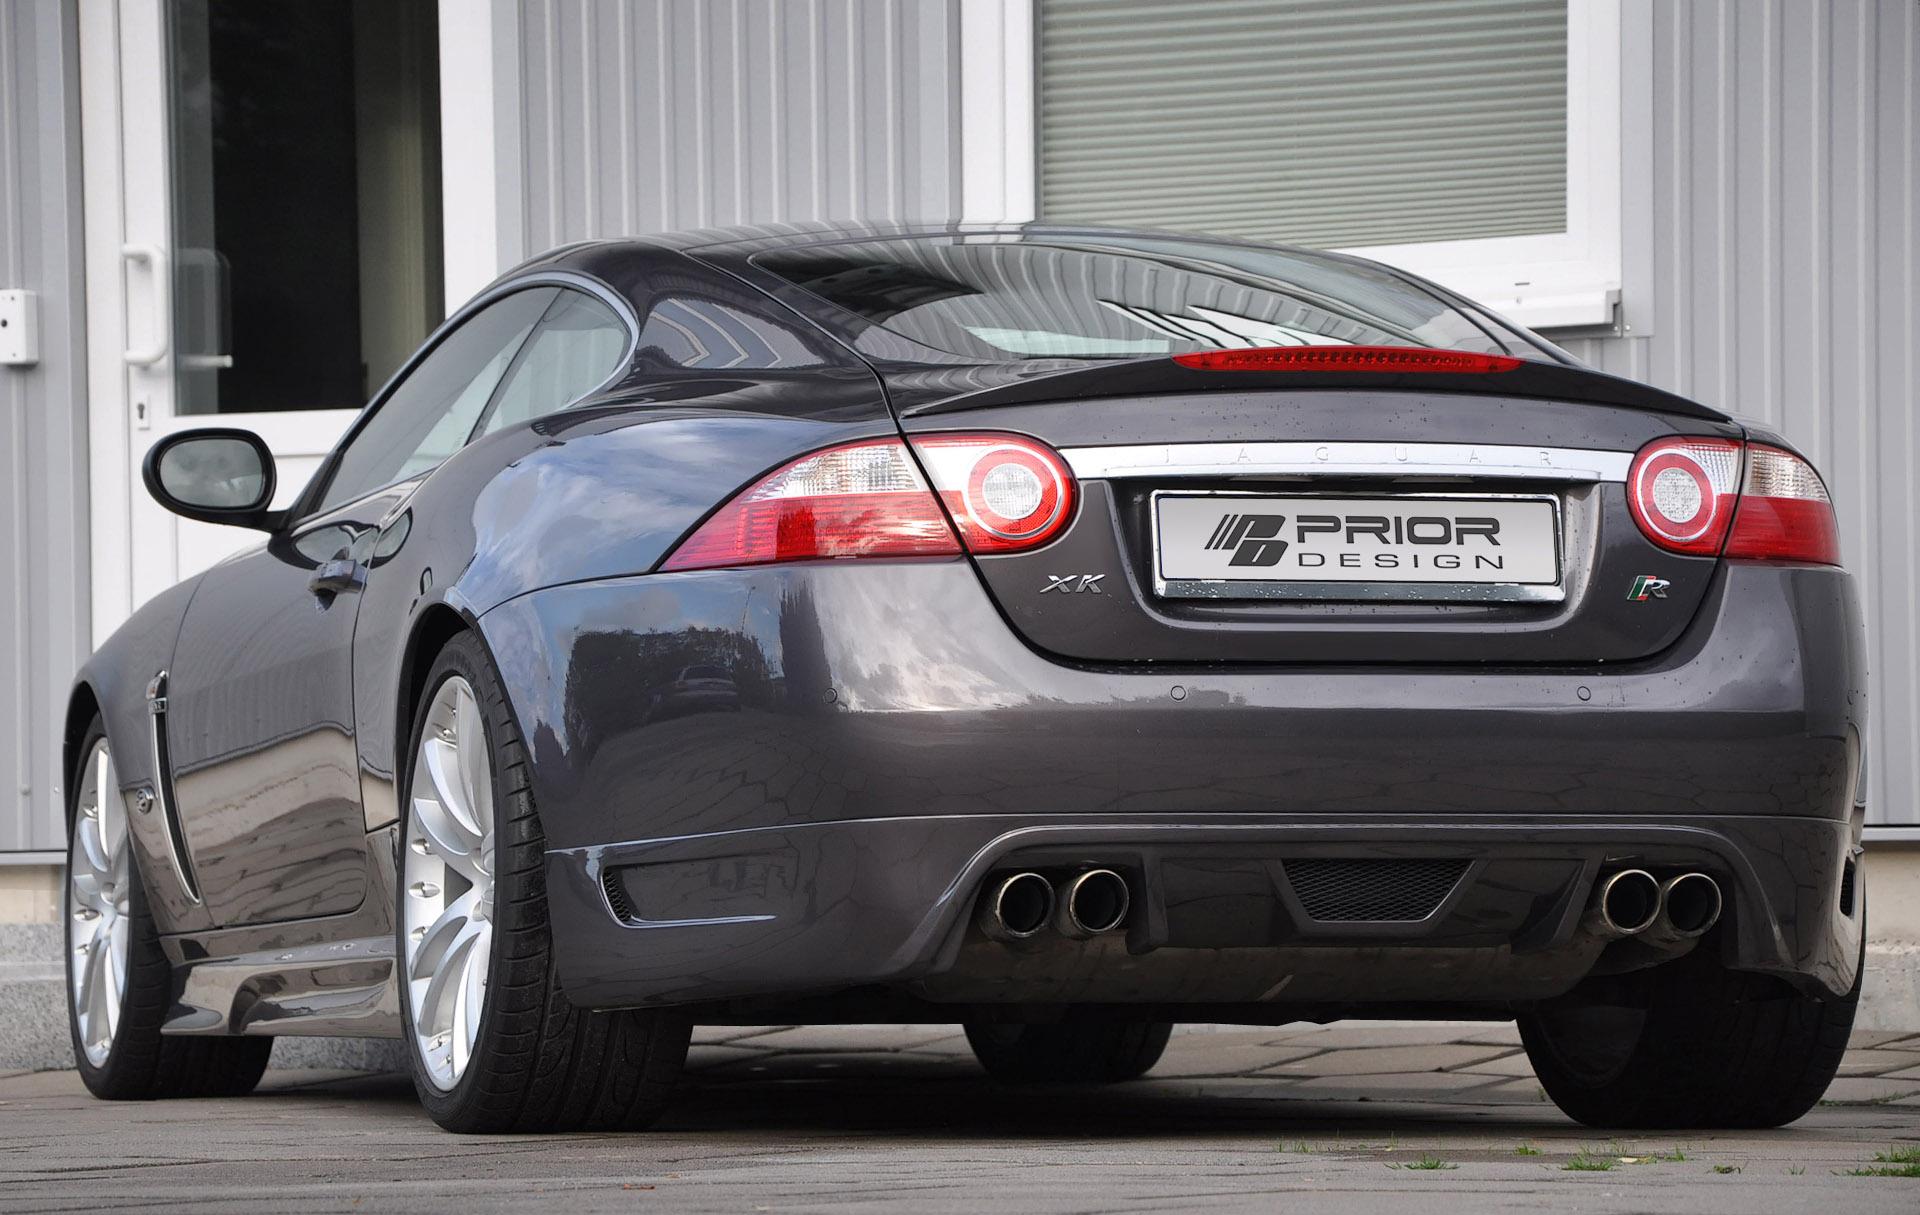 Prior-Design Jaguar XK - Picture 51363